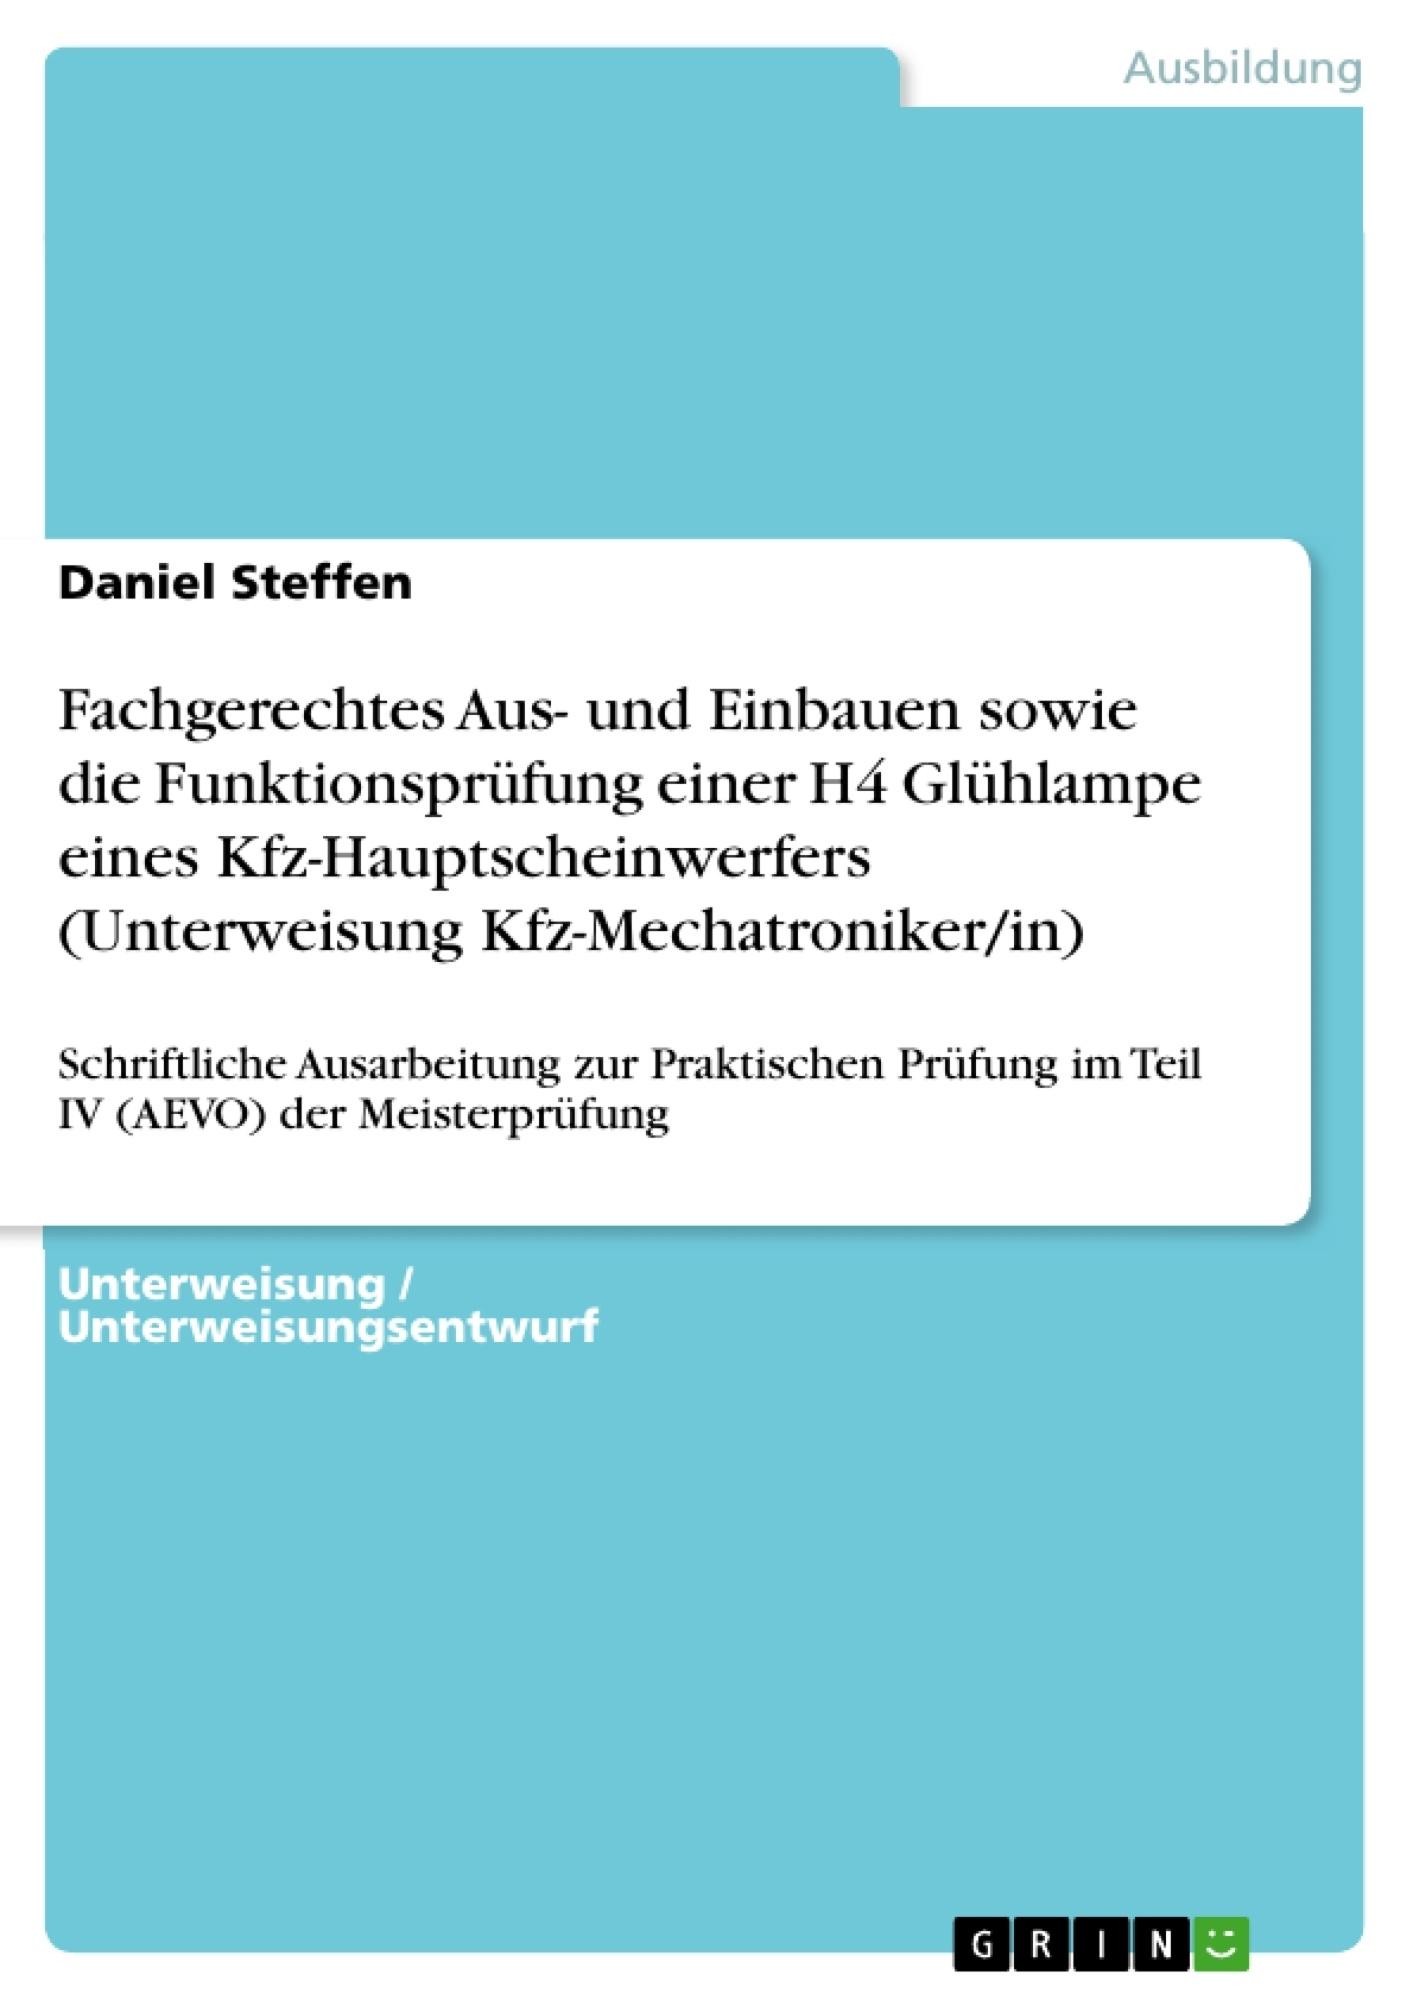 Titel: Fachgerechtes Aus- und Einbauen sowie die Funktionsprüfung einer H4 Glühlampe eines Kfz-Hauptscheinwerfers (Unterweisung Kfz-Mechatroniker/in)